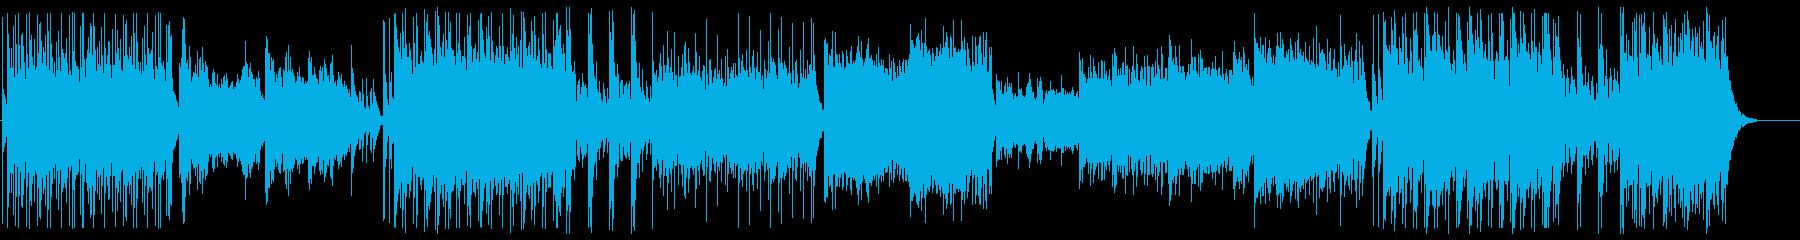 現代的にアレンジされた和楽器による邦楽の再生済みの波形